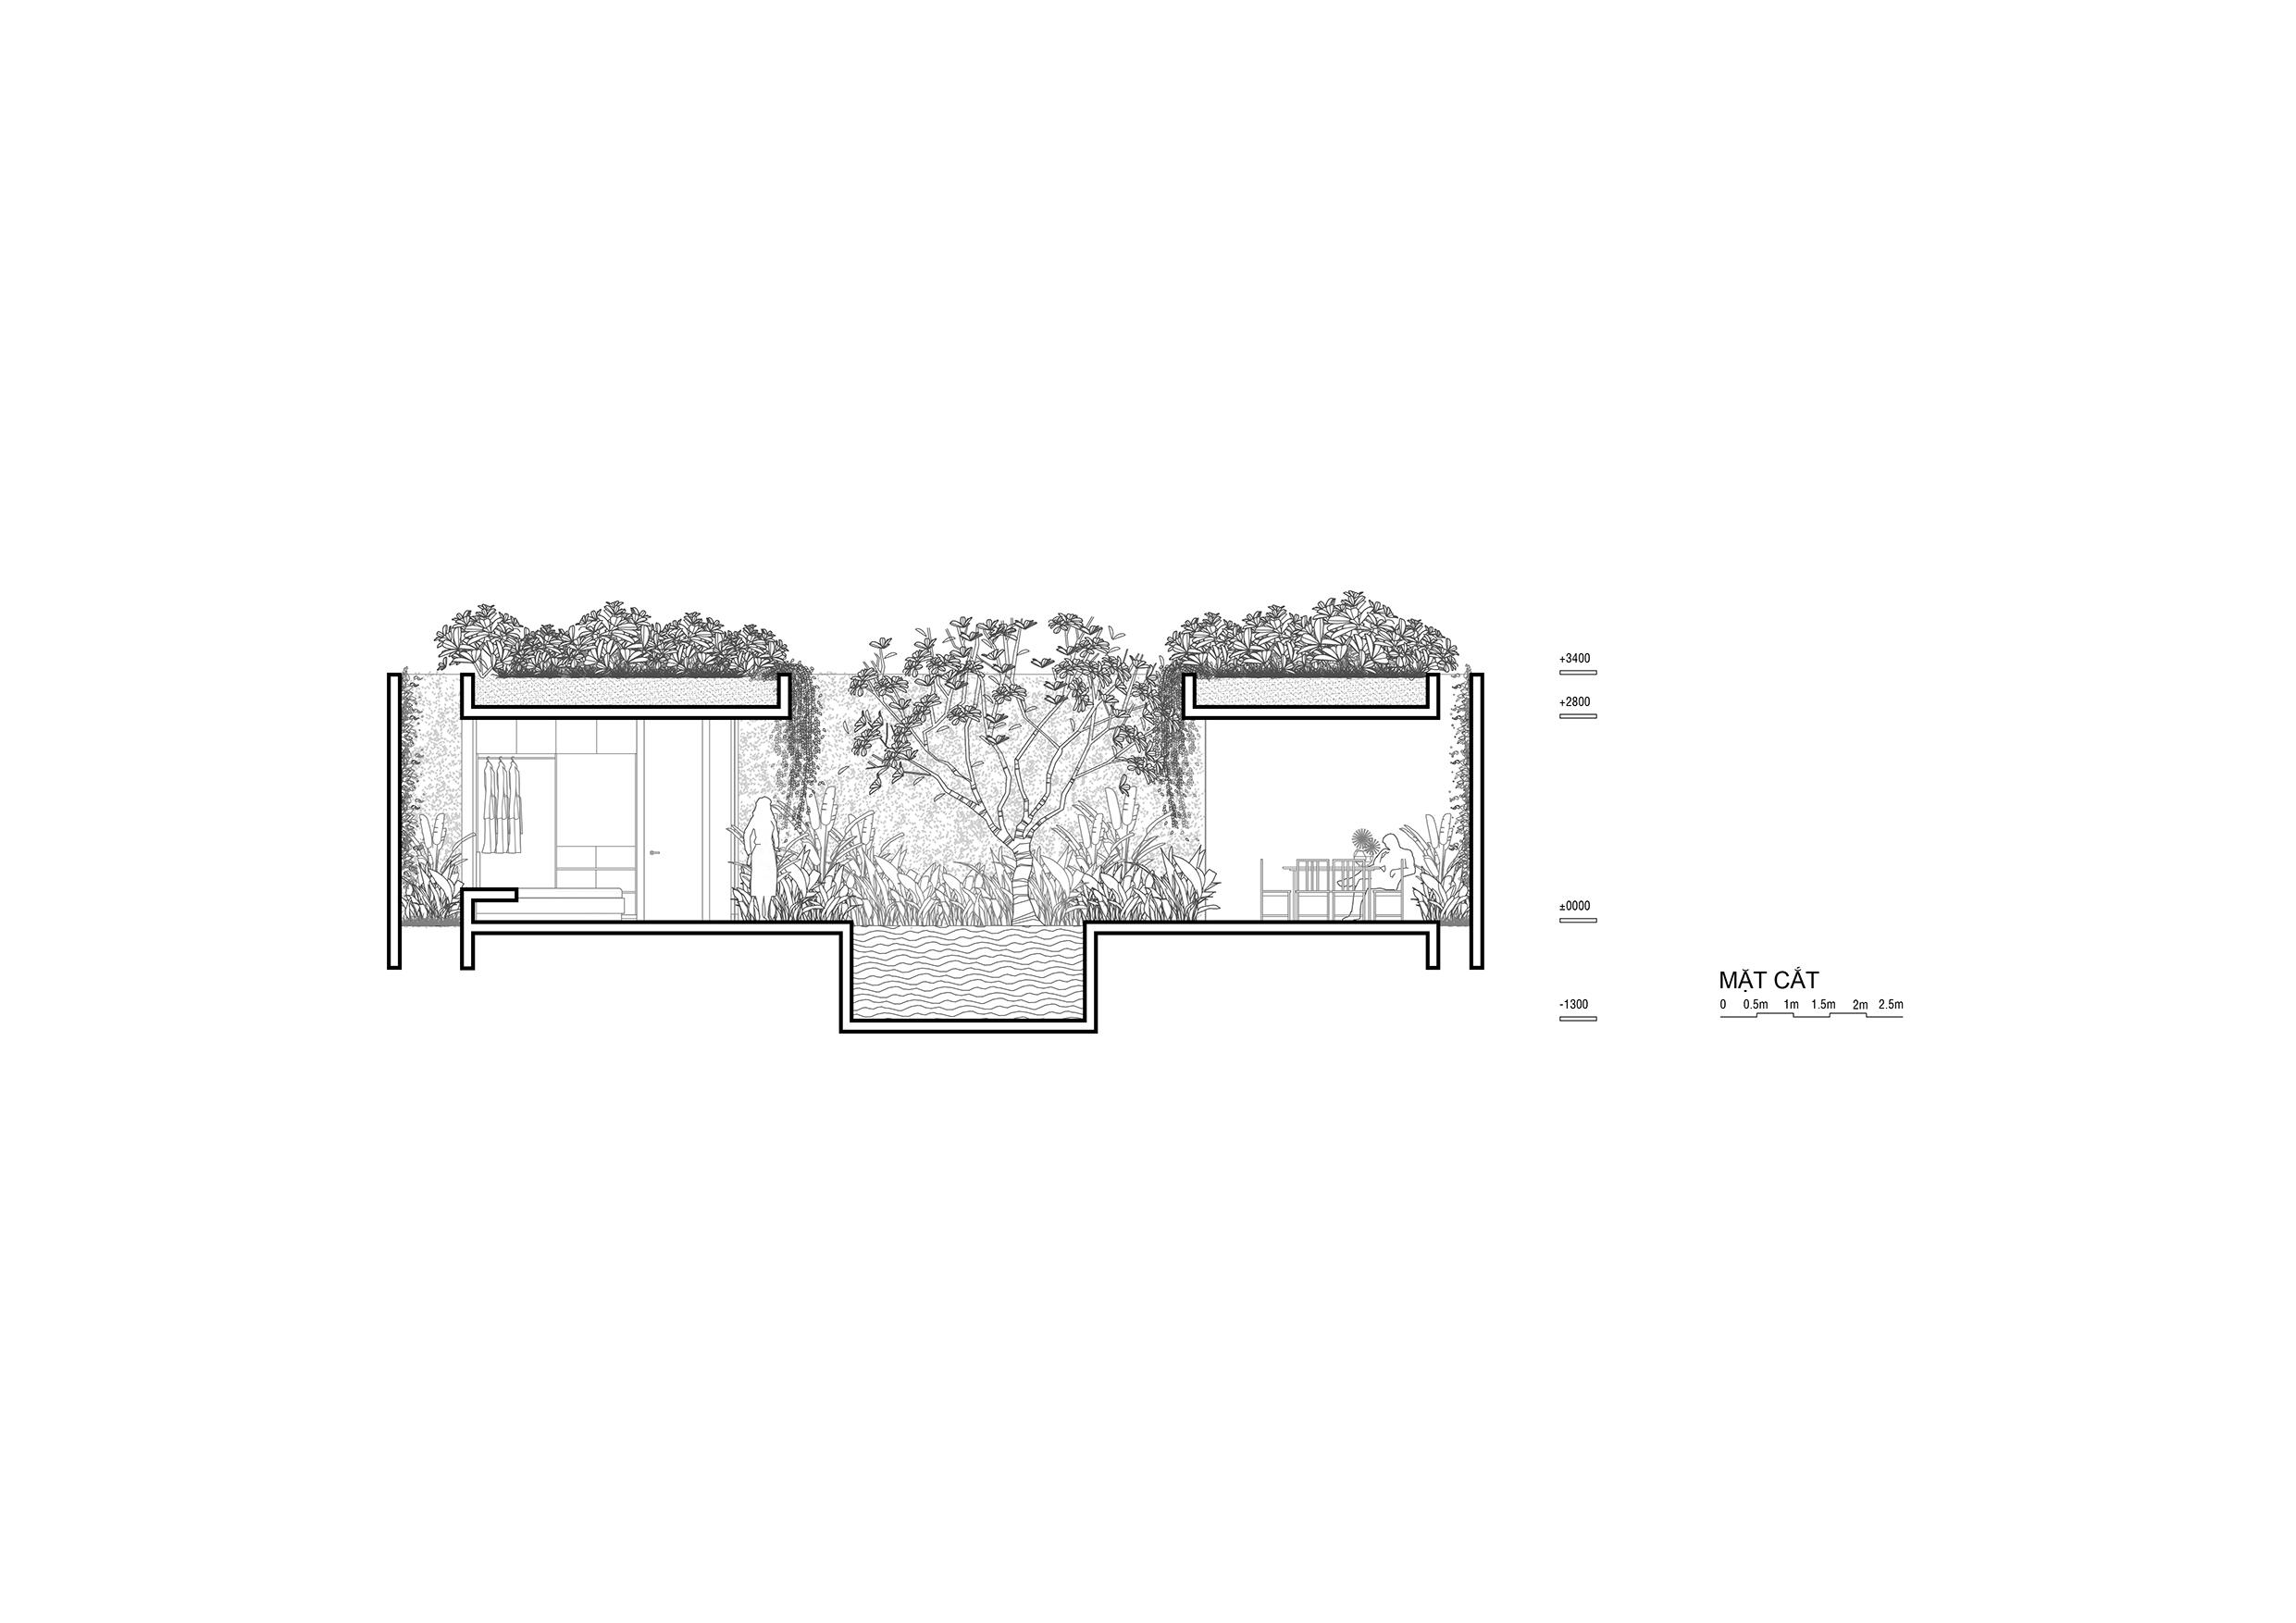 4-Mặt cắt Villa 2 phòng ngủ